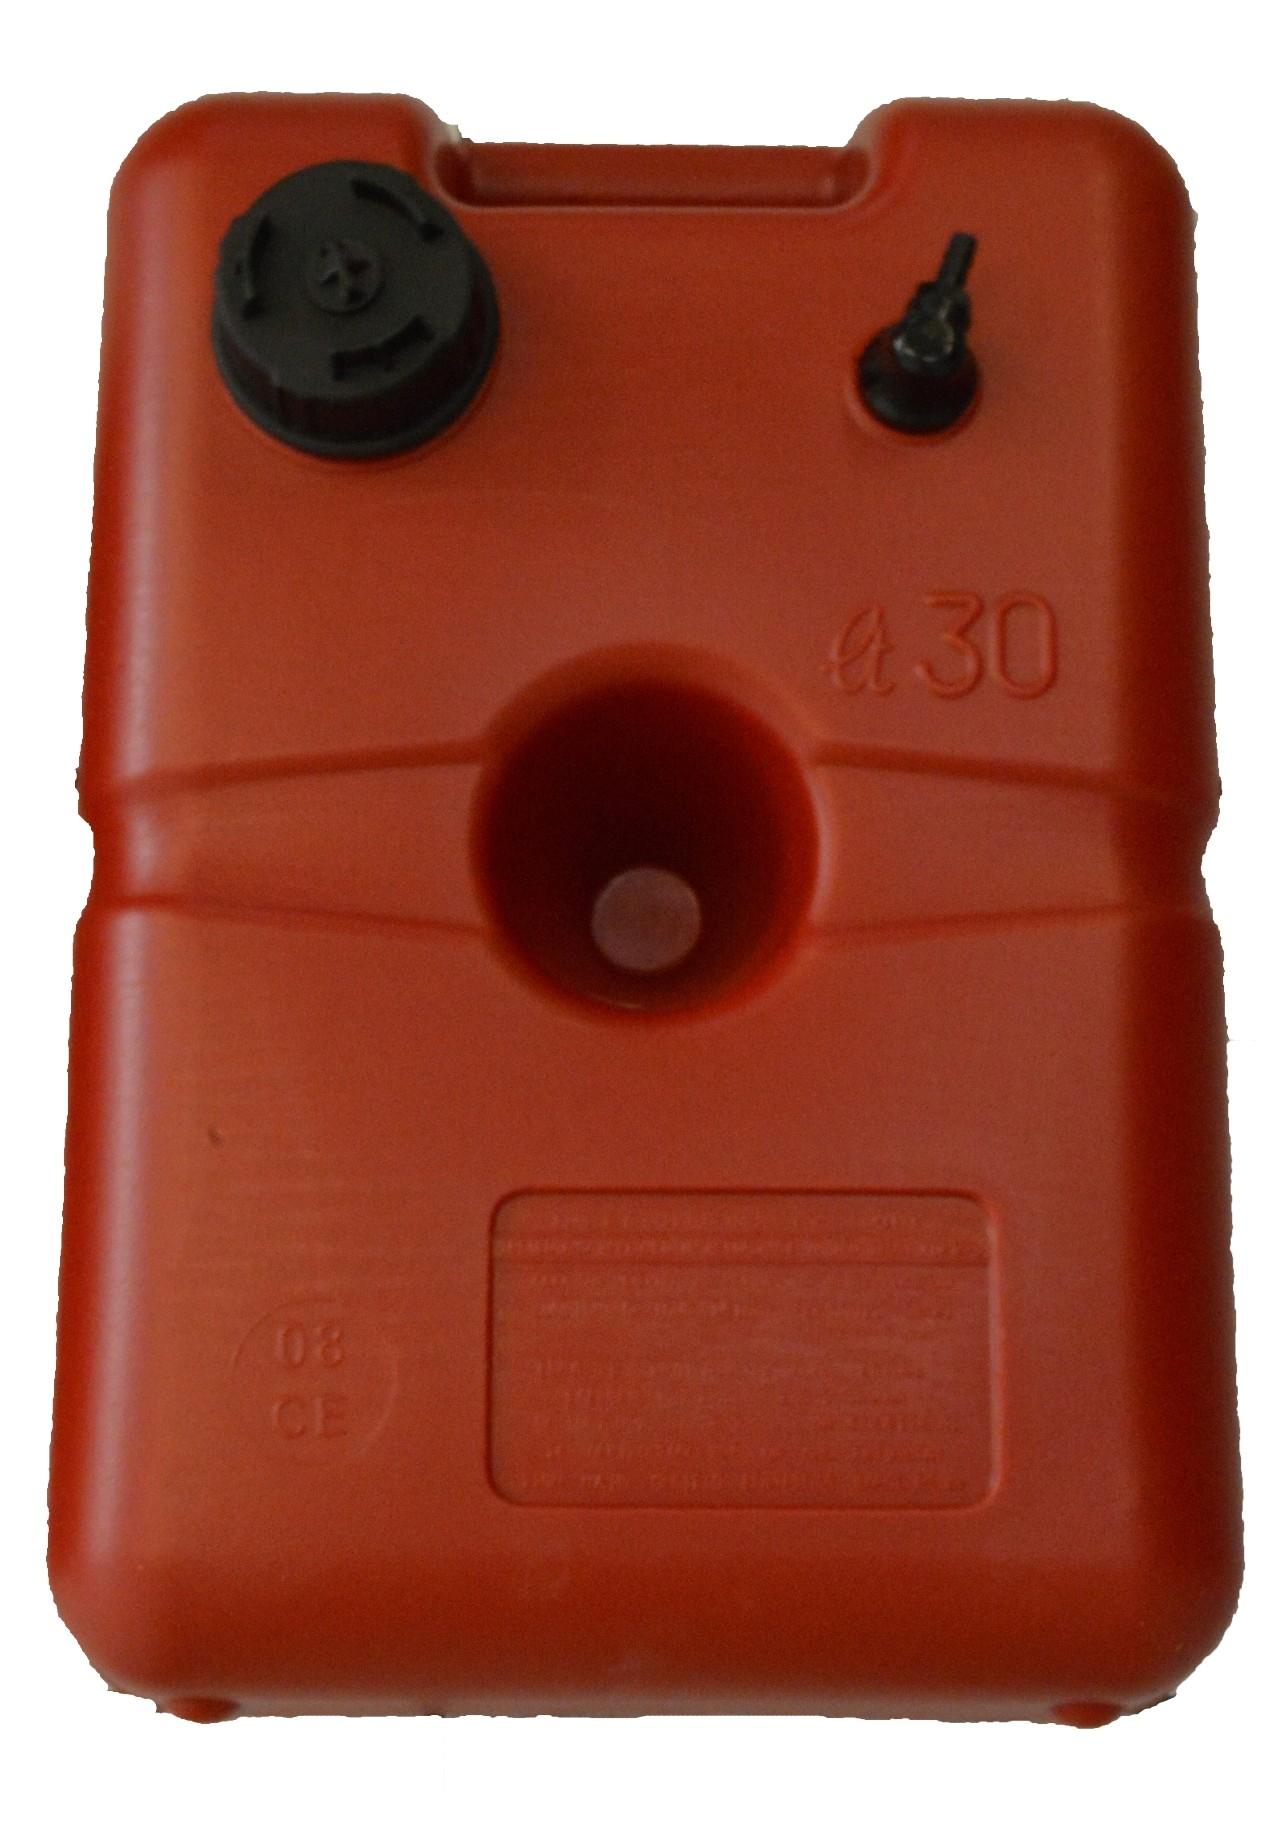 31.65 - Ρεζερβουάρ Καυσίμου EVAL Εγκεκριμένο CE 30lt